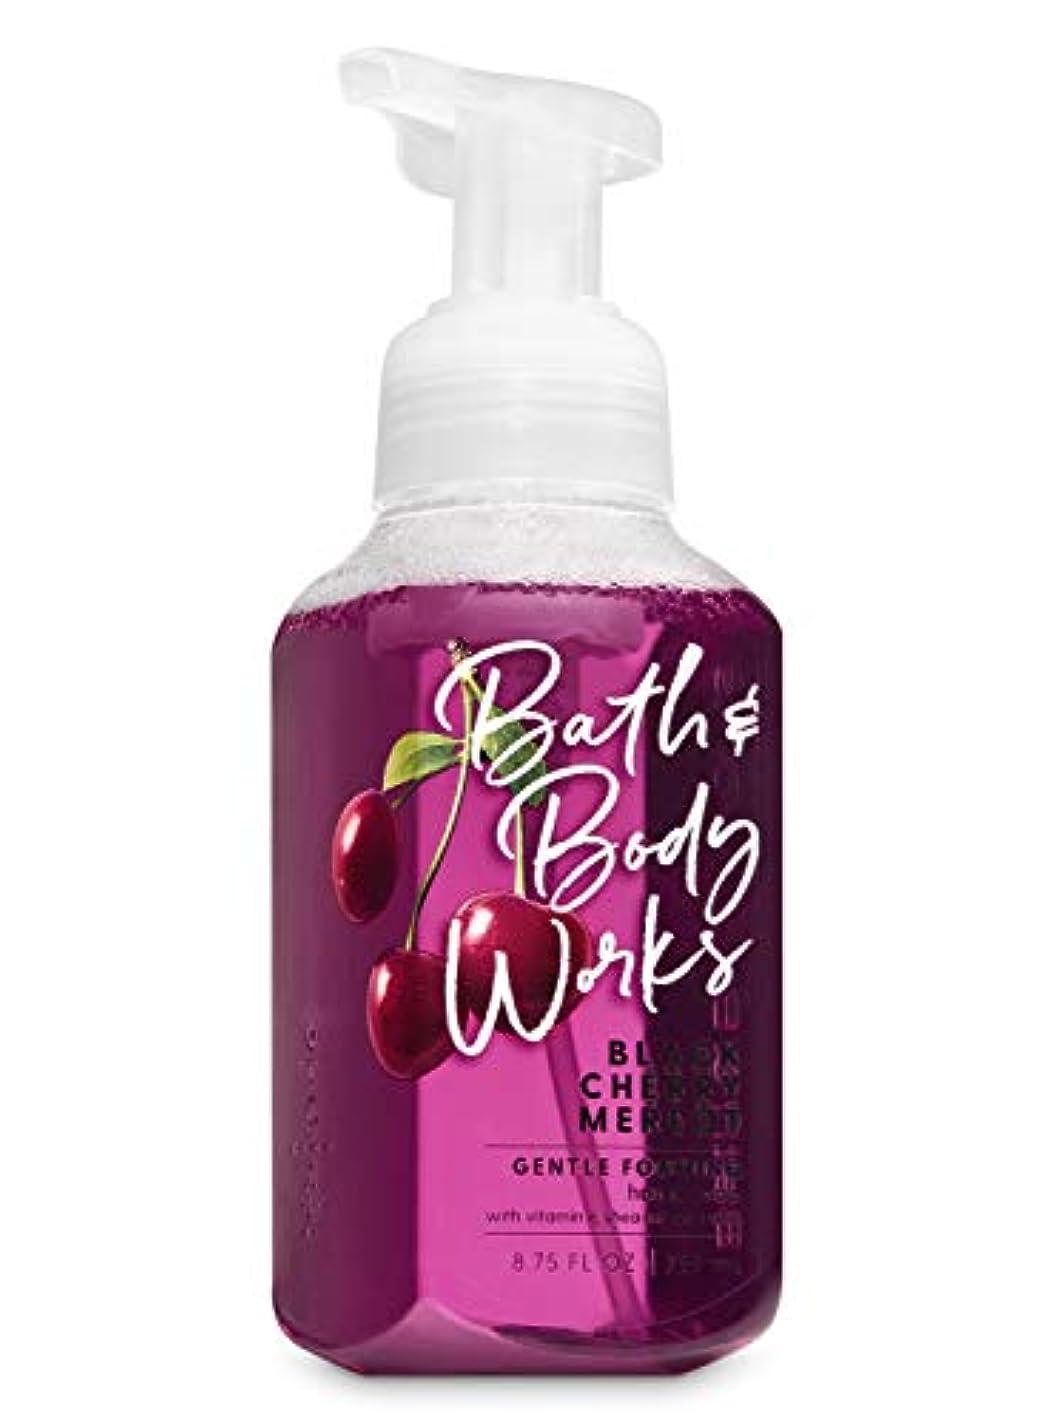 泣き叫ぶ殺す縮れたバス&ボディワークス ブラックチェリー マーロット ジェントル フォーミング ハンドソープ Black Cherry Merlot Gentle Foaming Hand Soap